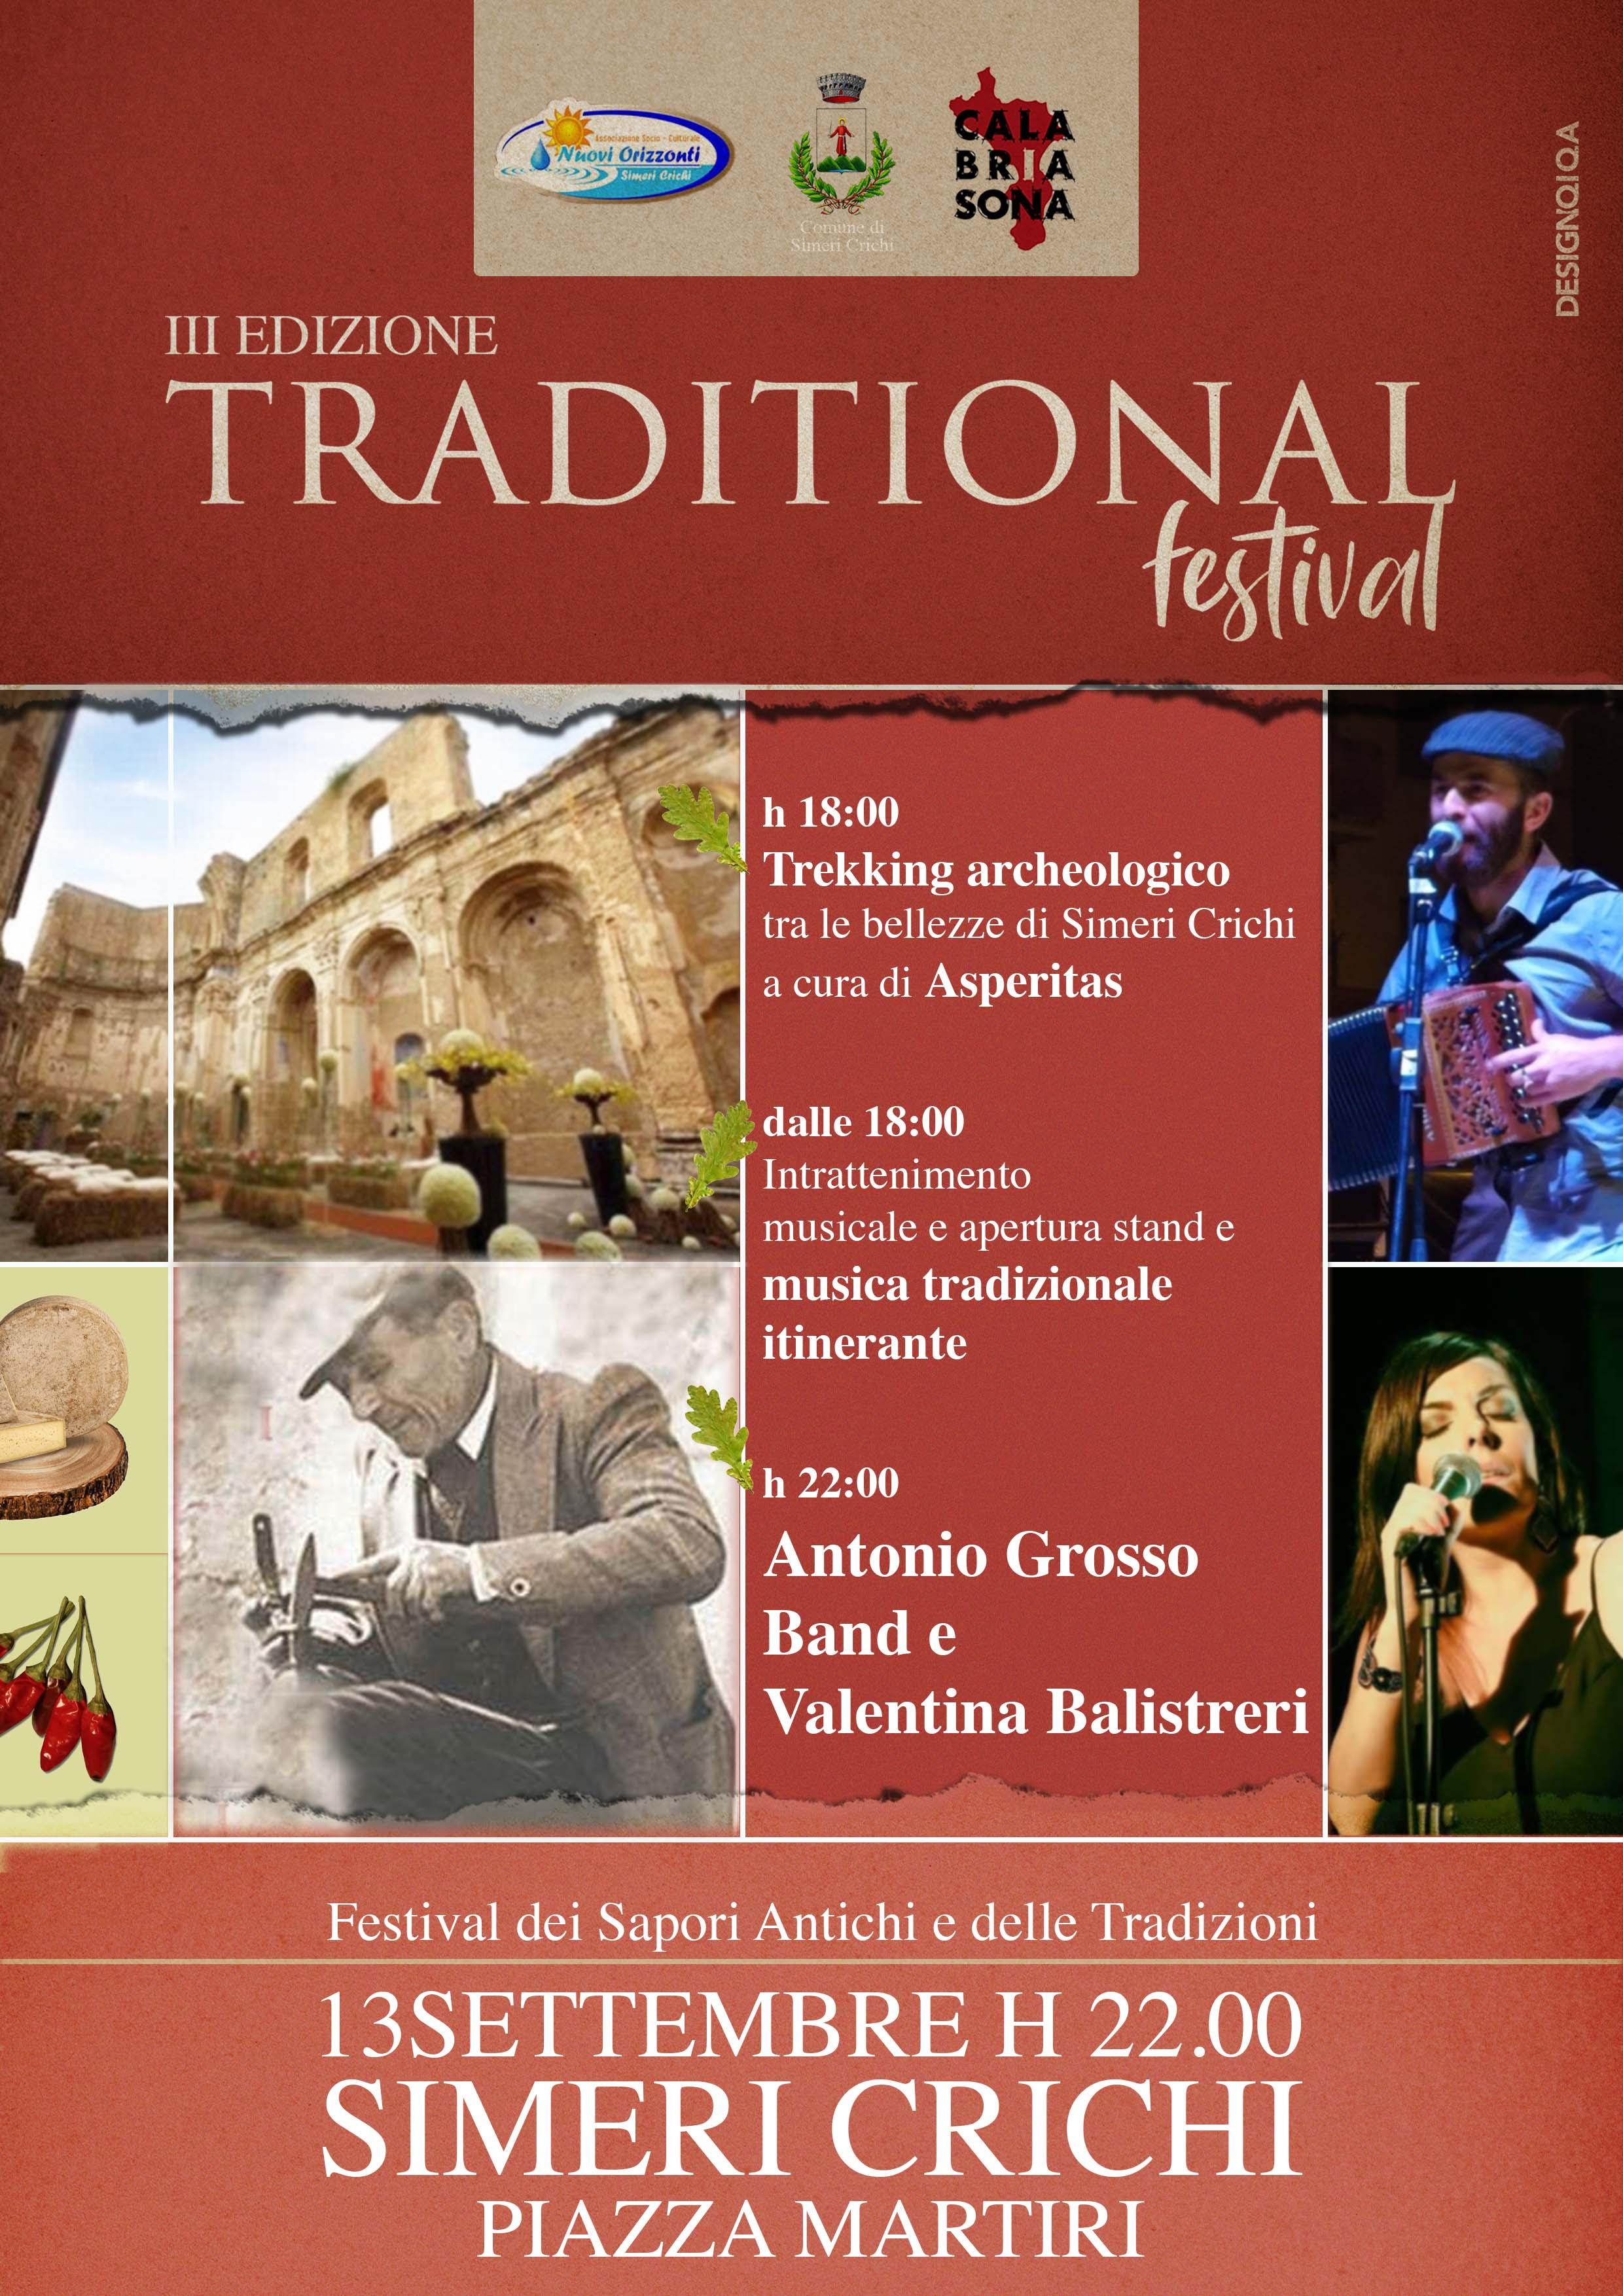 TradizionalFestival (1)